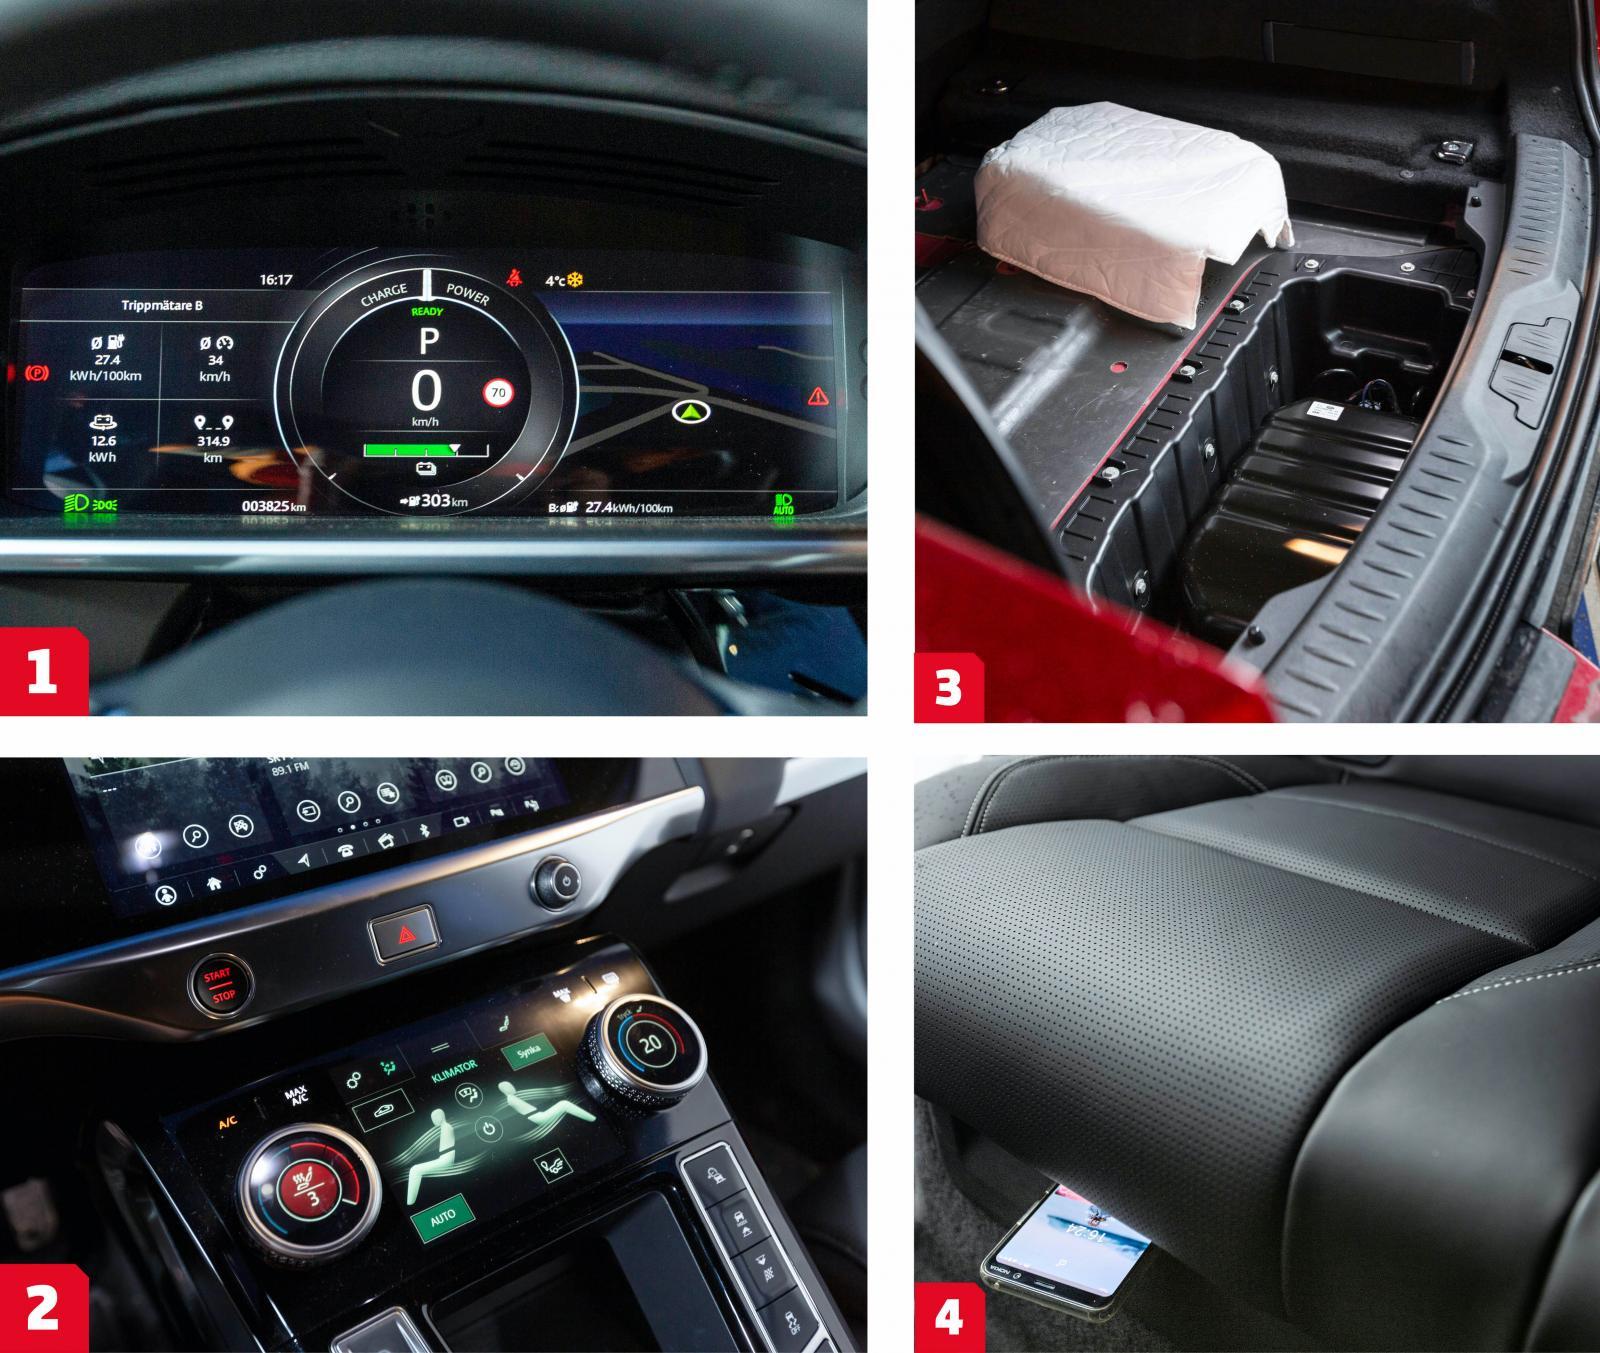 """1. Den som föredrar kan få en mer traditionell instrumentvy, men Jaguars """"energiuttagmätare"""" är tydlig. Viss fördröjning i grafiken dock.  2. Pekskärmsdisplay för klimatanläggningen, skärmen kan även visa mediainformation och grafik. Placeringen är låg och kräver uppmärksamhet vid användning.  3. En te-hätta? Ja, nästan. Gräver man sig ned i Jaguars bagageutrymme stöter man slutligen på pumpen till luftfjädringen, hättan ska dämpa ljudet från kompressorn. Elbilar är tysta... 4. Under baksätet finns två förvarningsfack för exempelvis mobiltelefon eller surfplatta."""